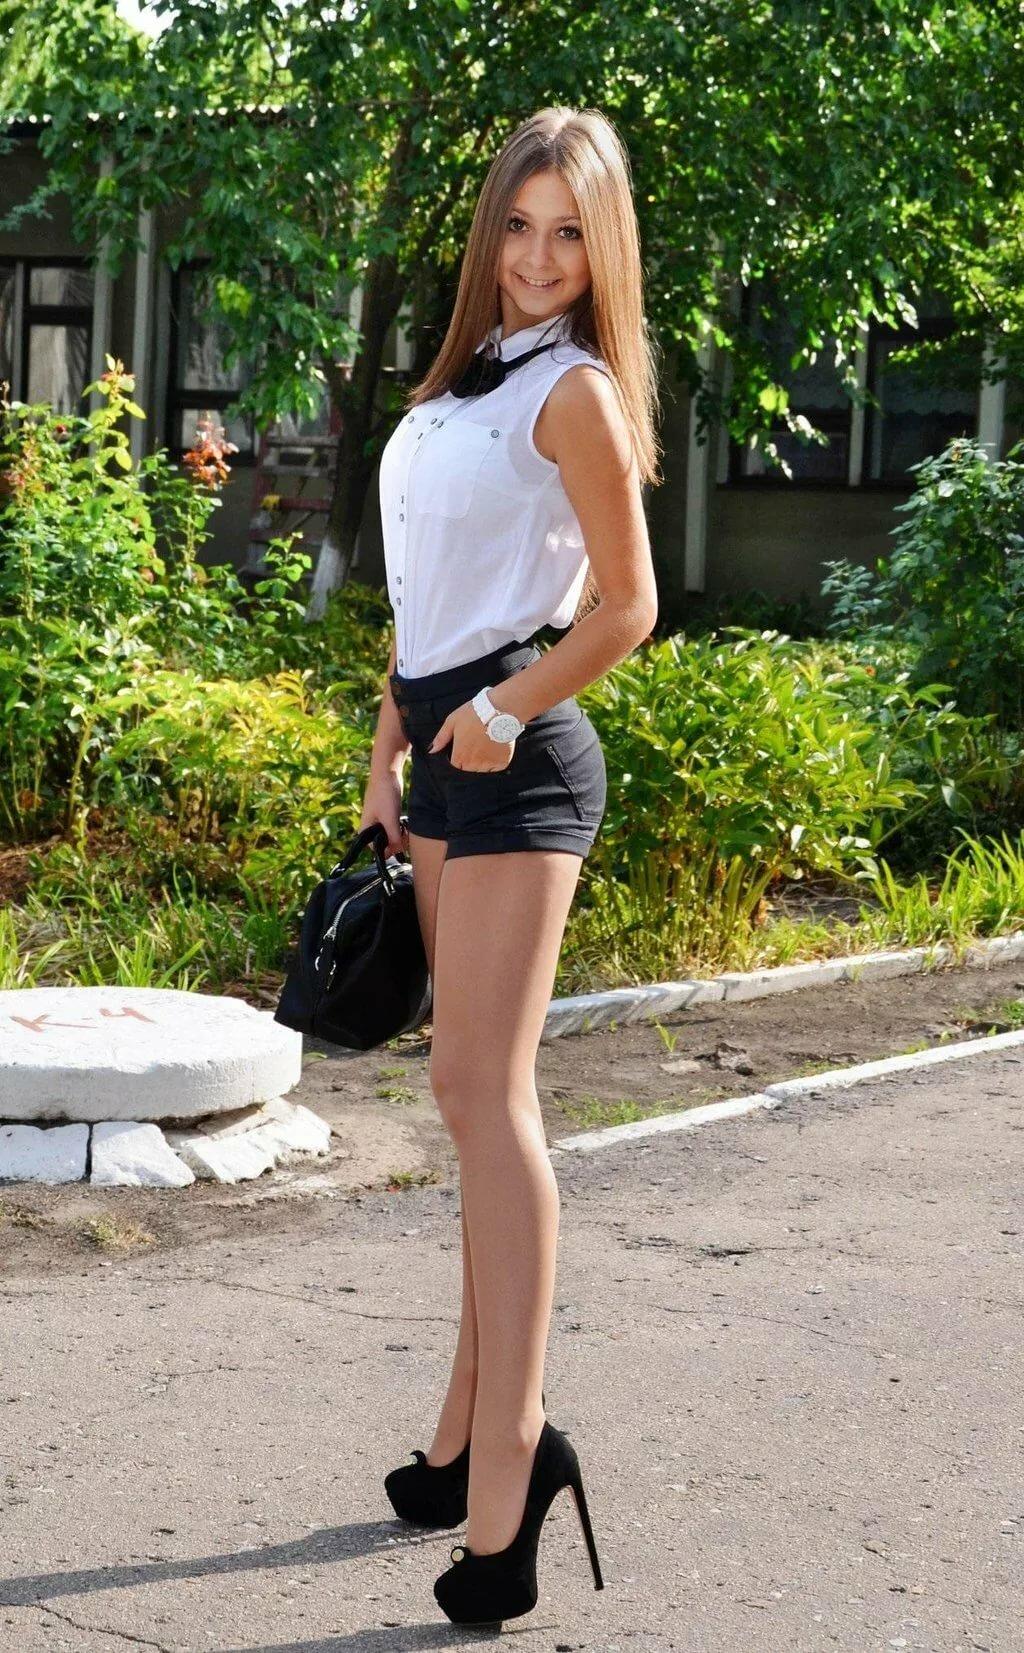 трахани русская студентка девушка конечно, вас